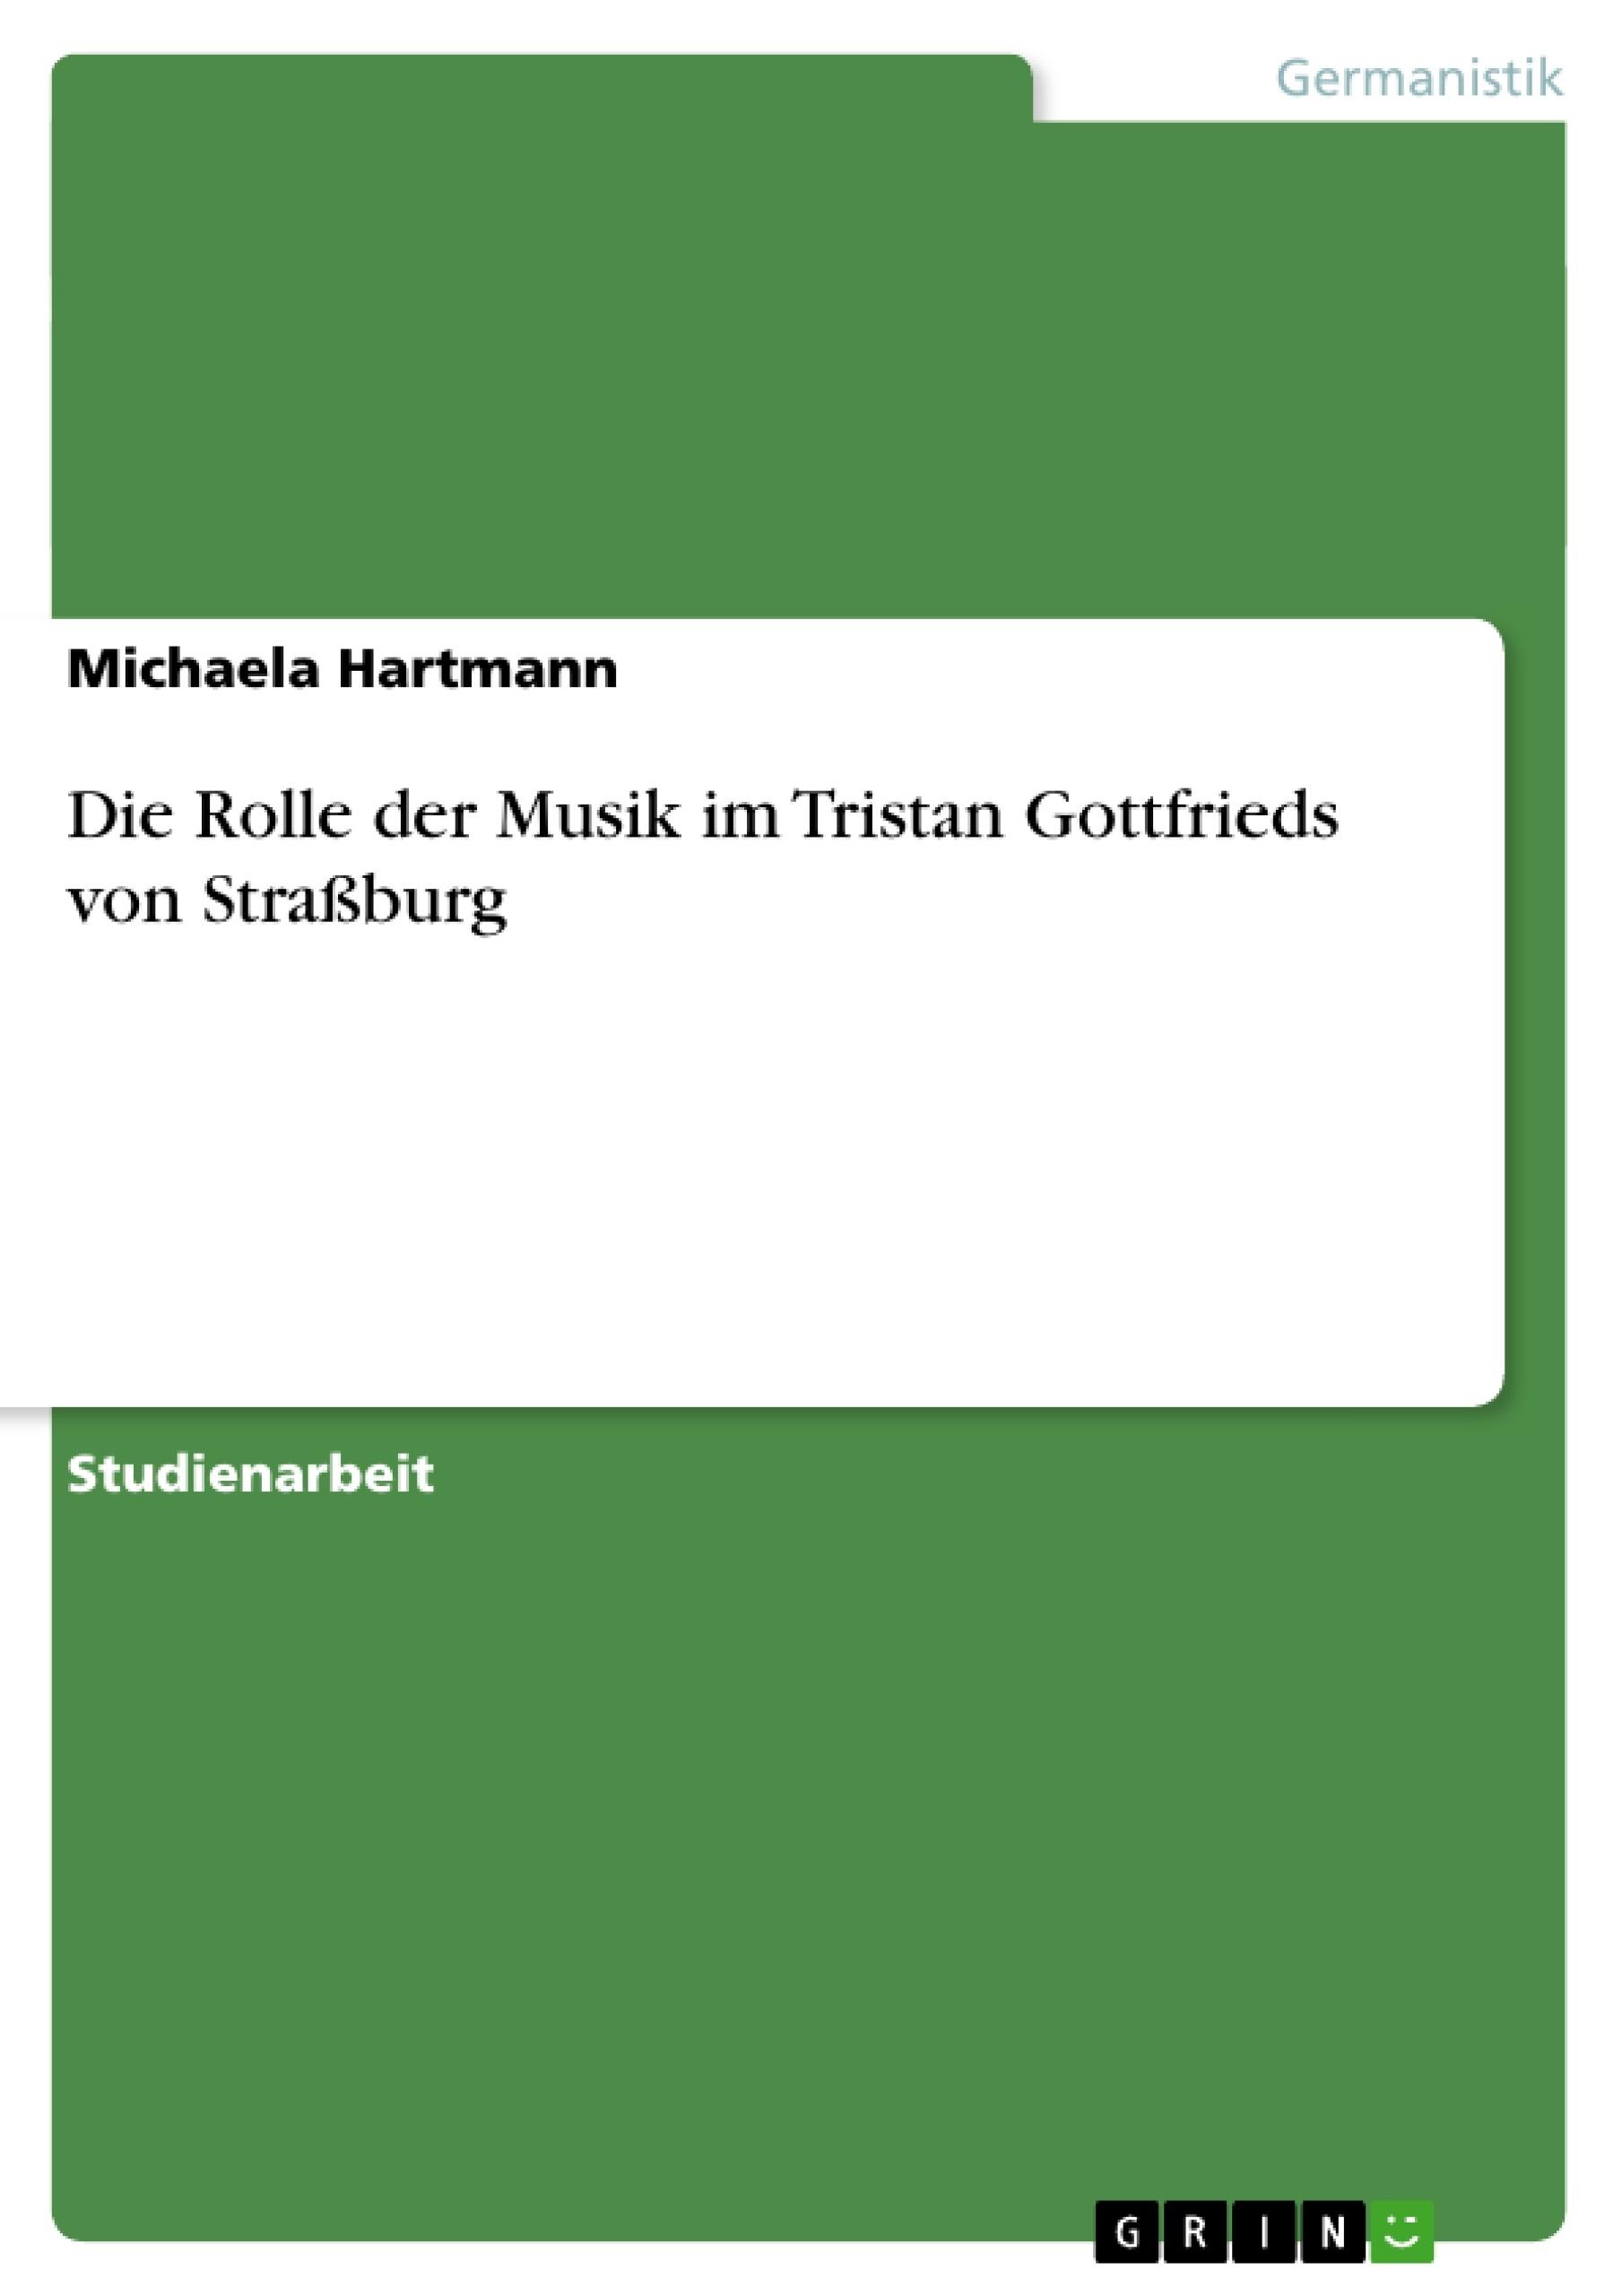 Titel: Die Rolle der Musik im Tristan Gottfrieds von Straßburg